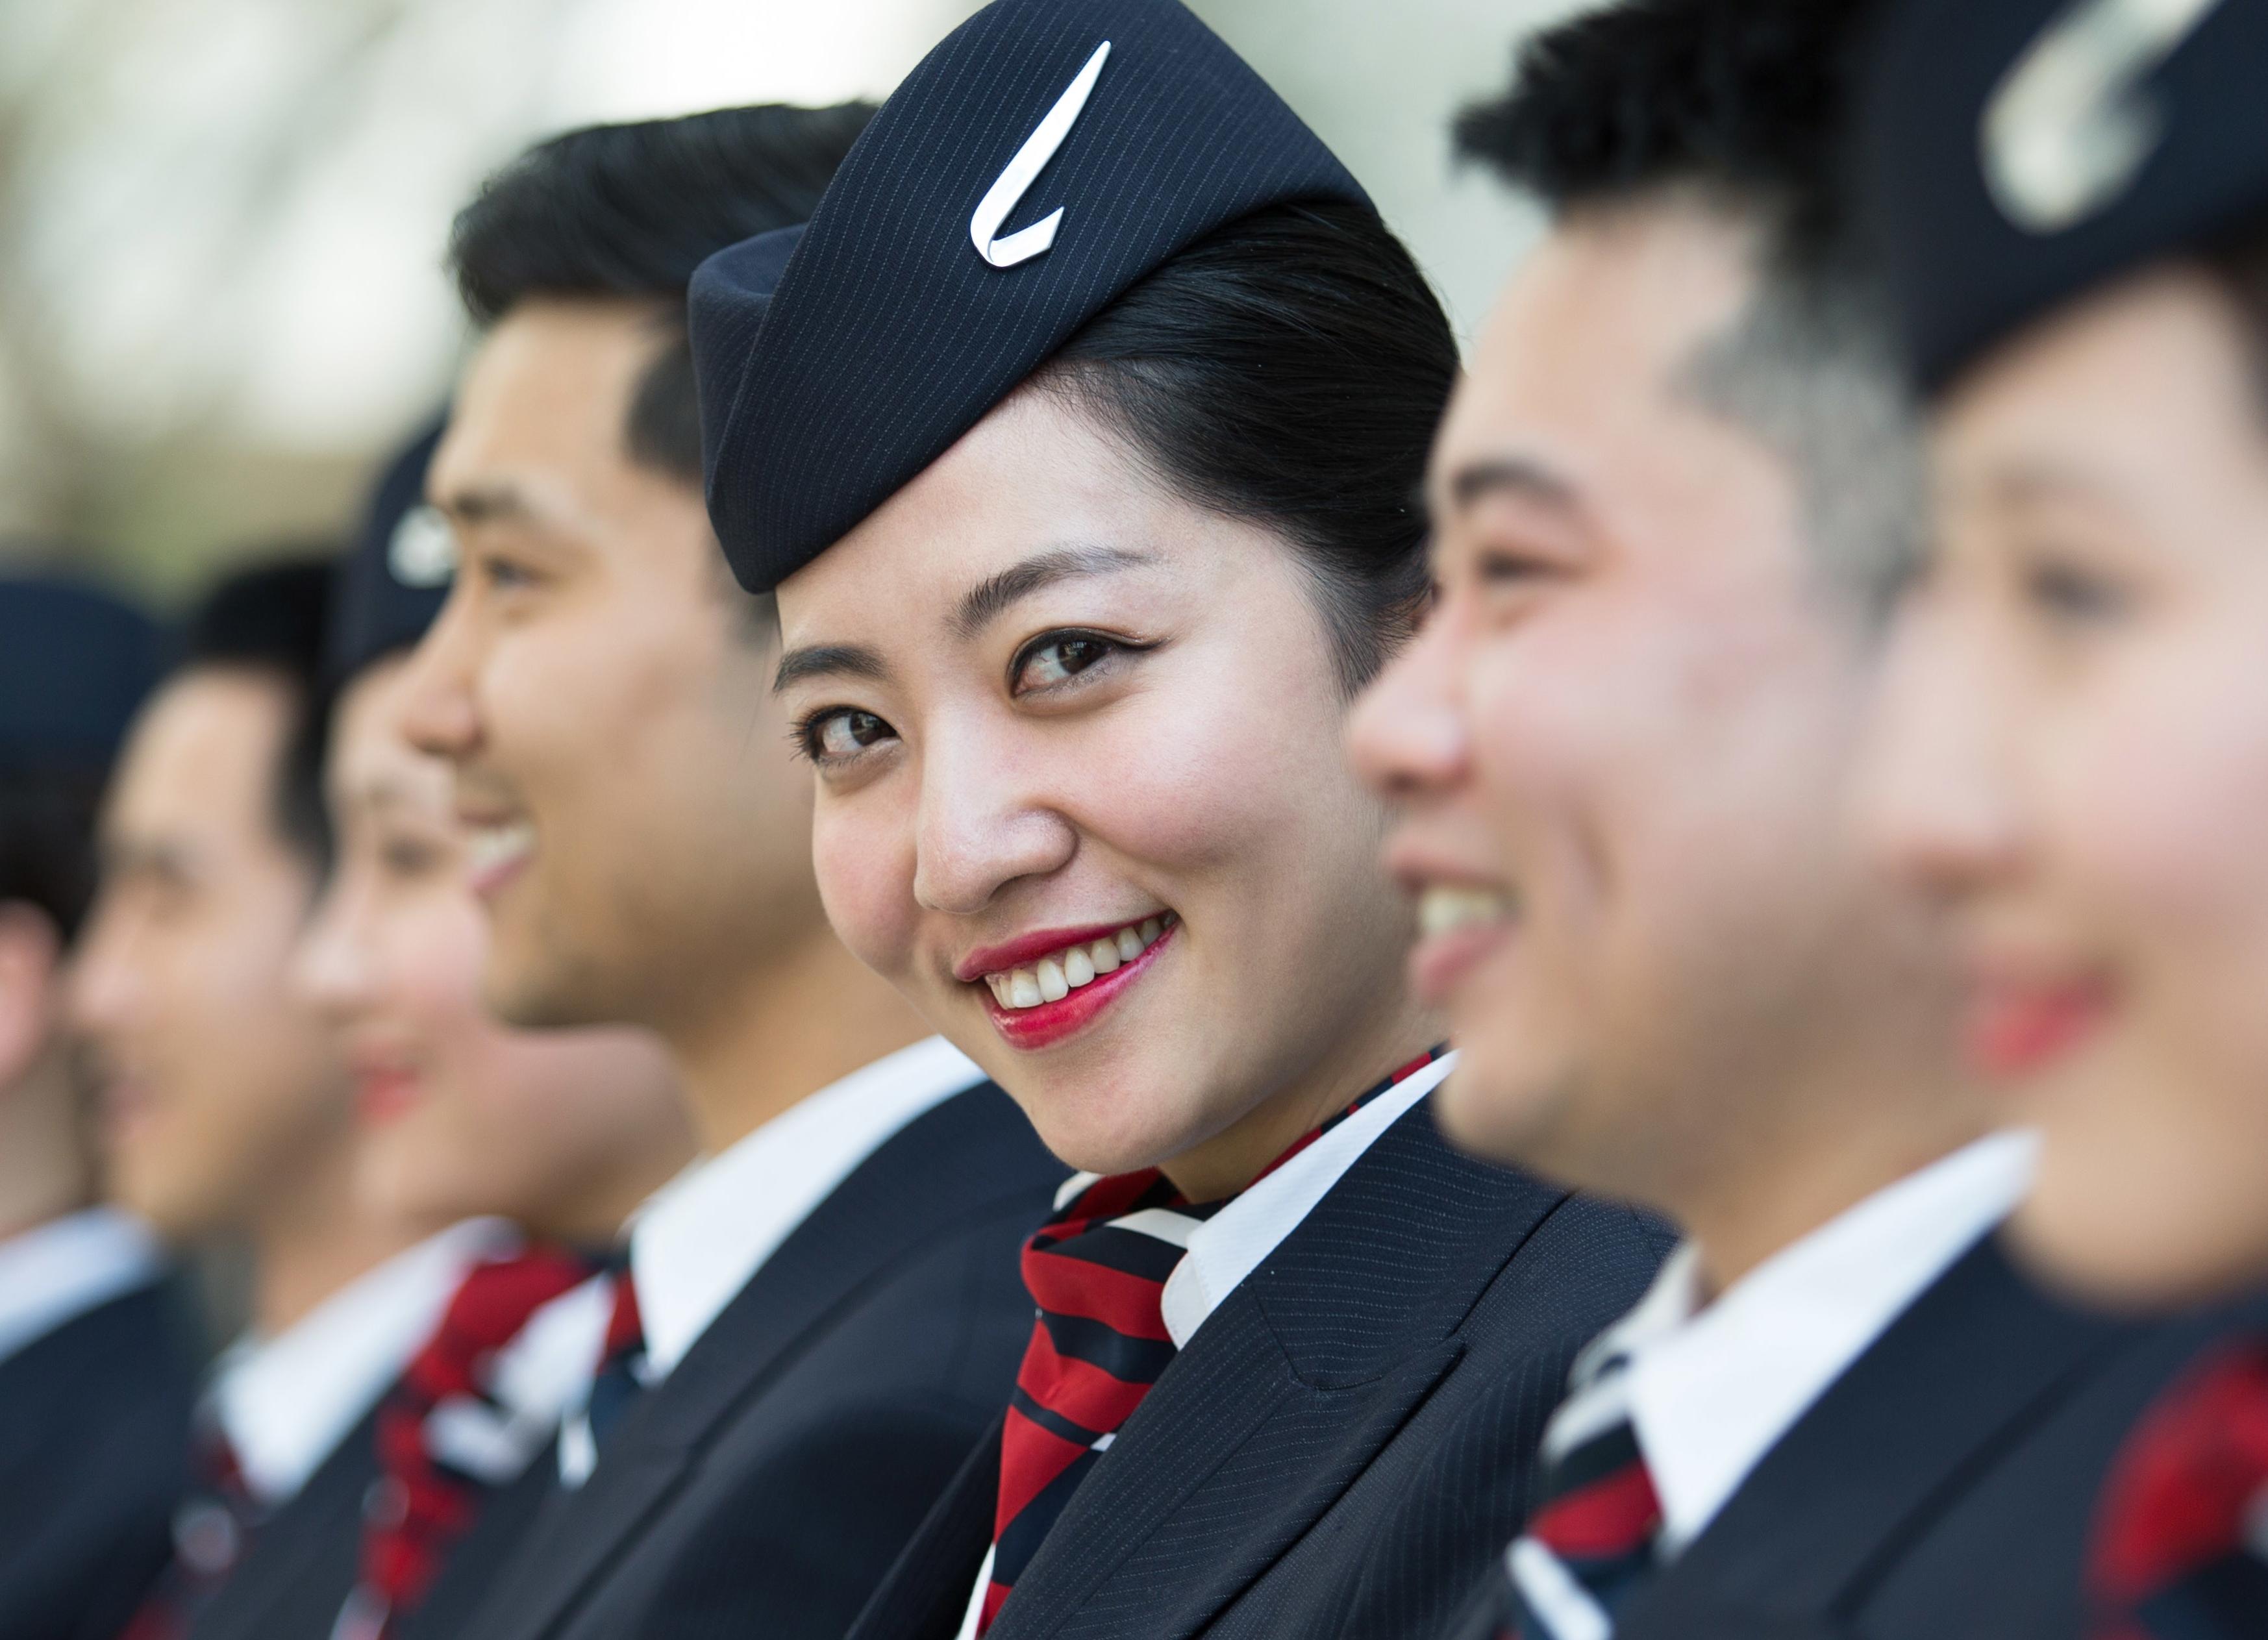 British Airways får nu mere kinesisk kabinepersonale på sine ruter fra London til Beijing og Shanghai. Foto: Stuart Bailey for British Airways.